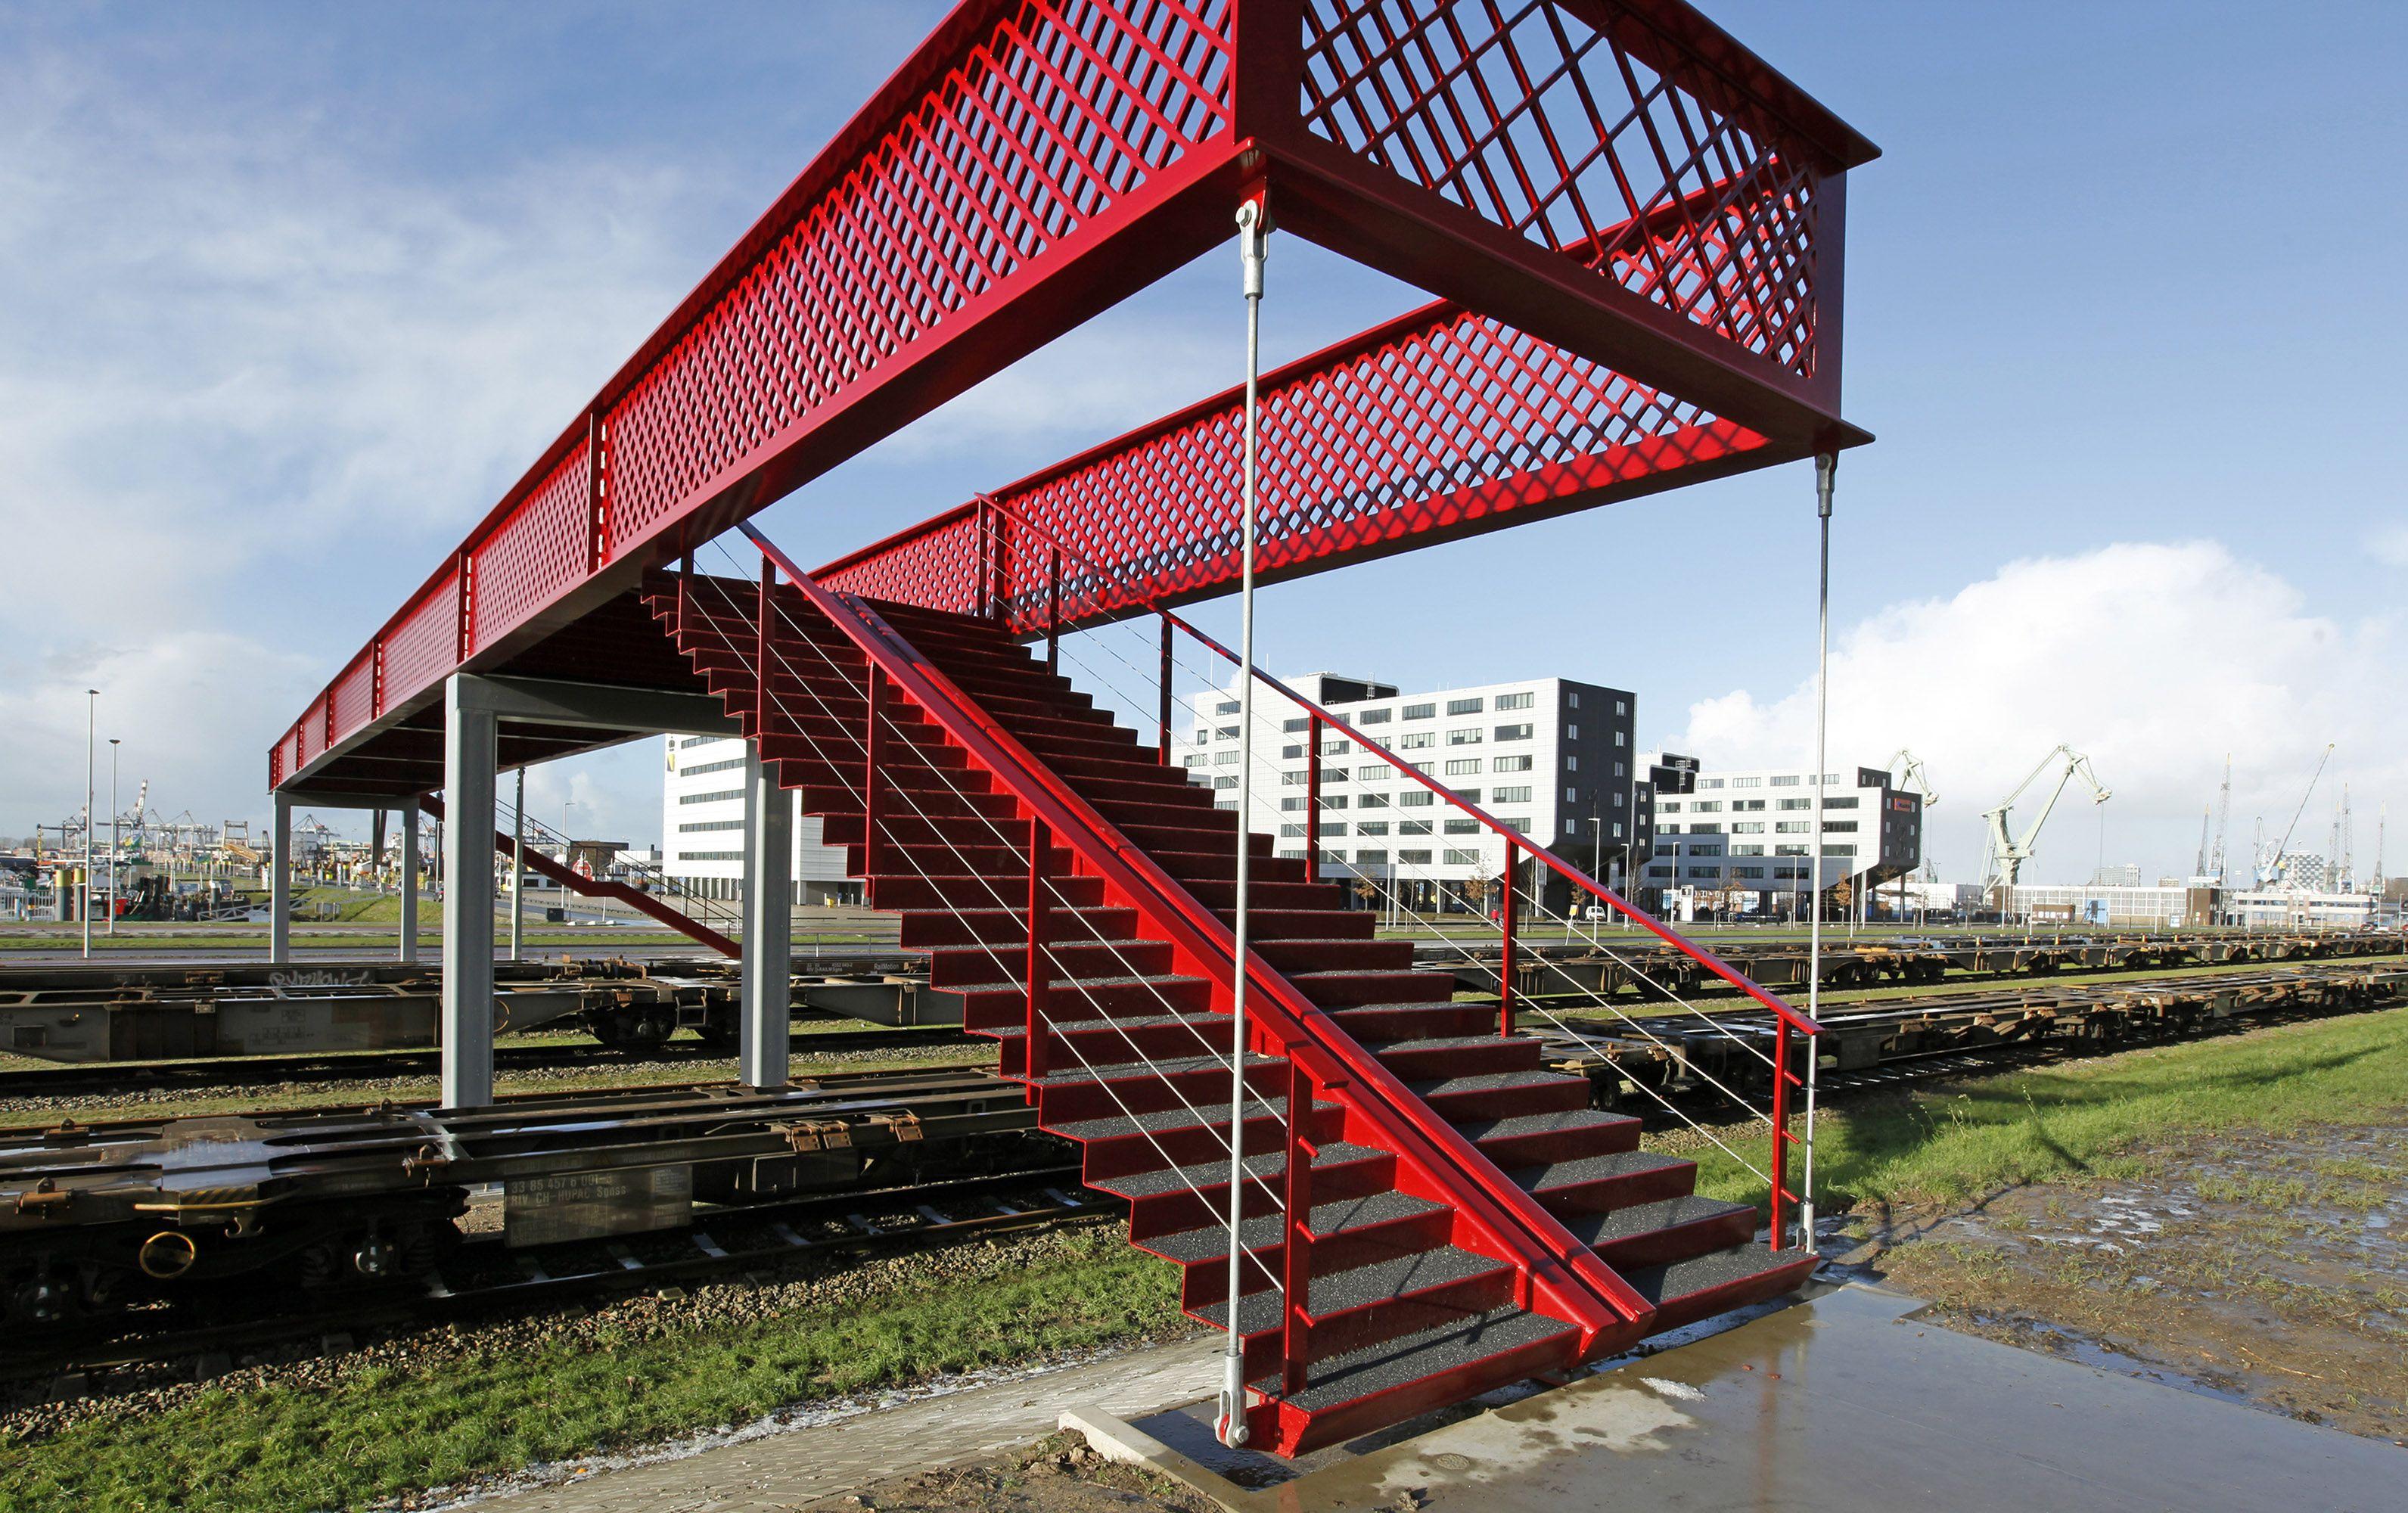 Voetgangersbrug in Rotterdam